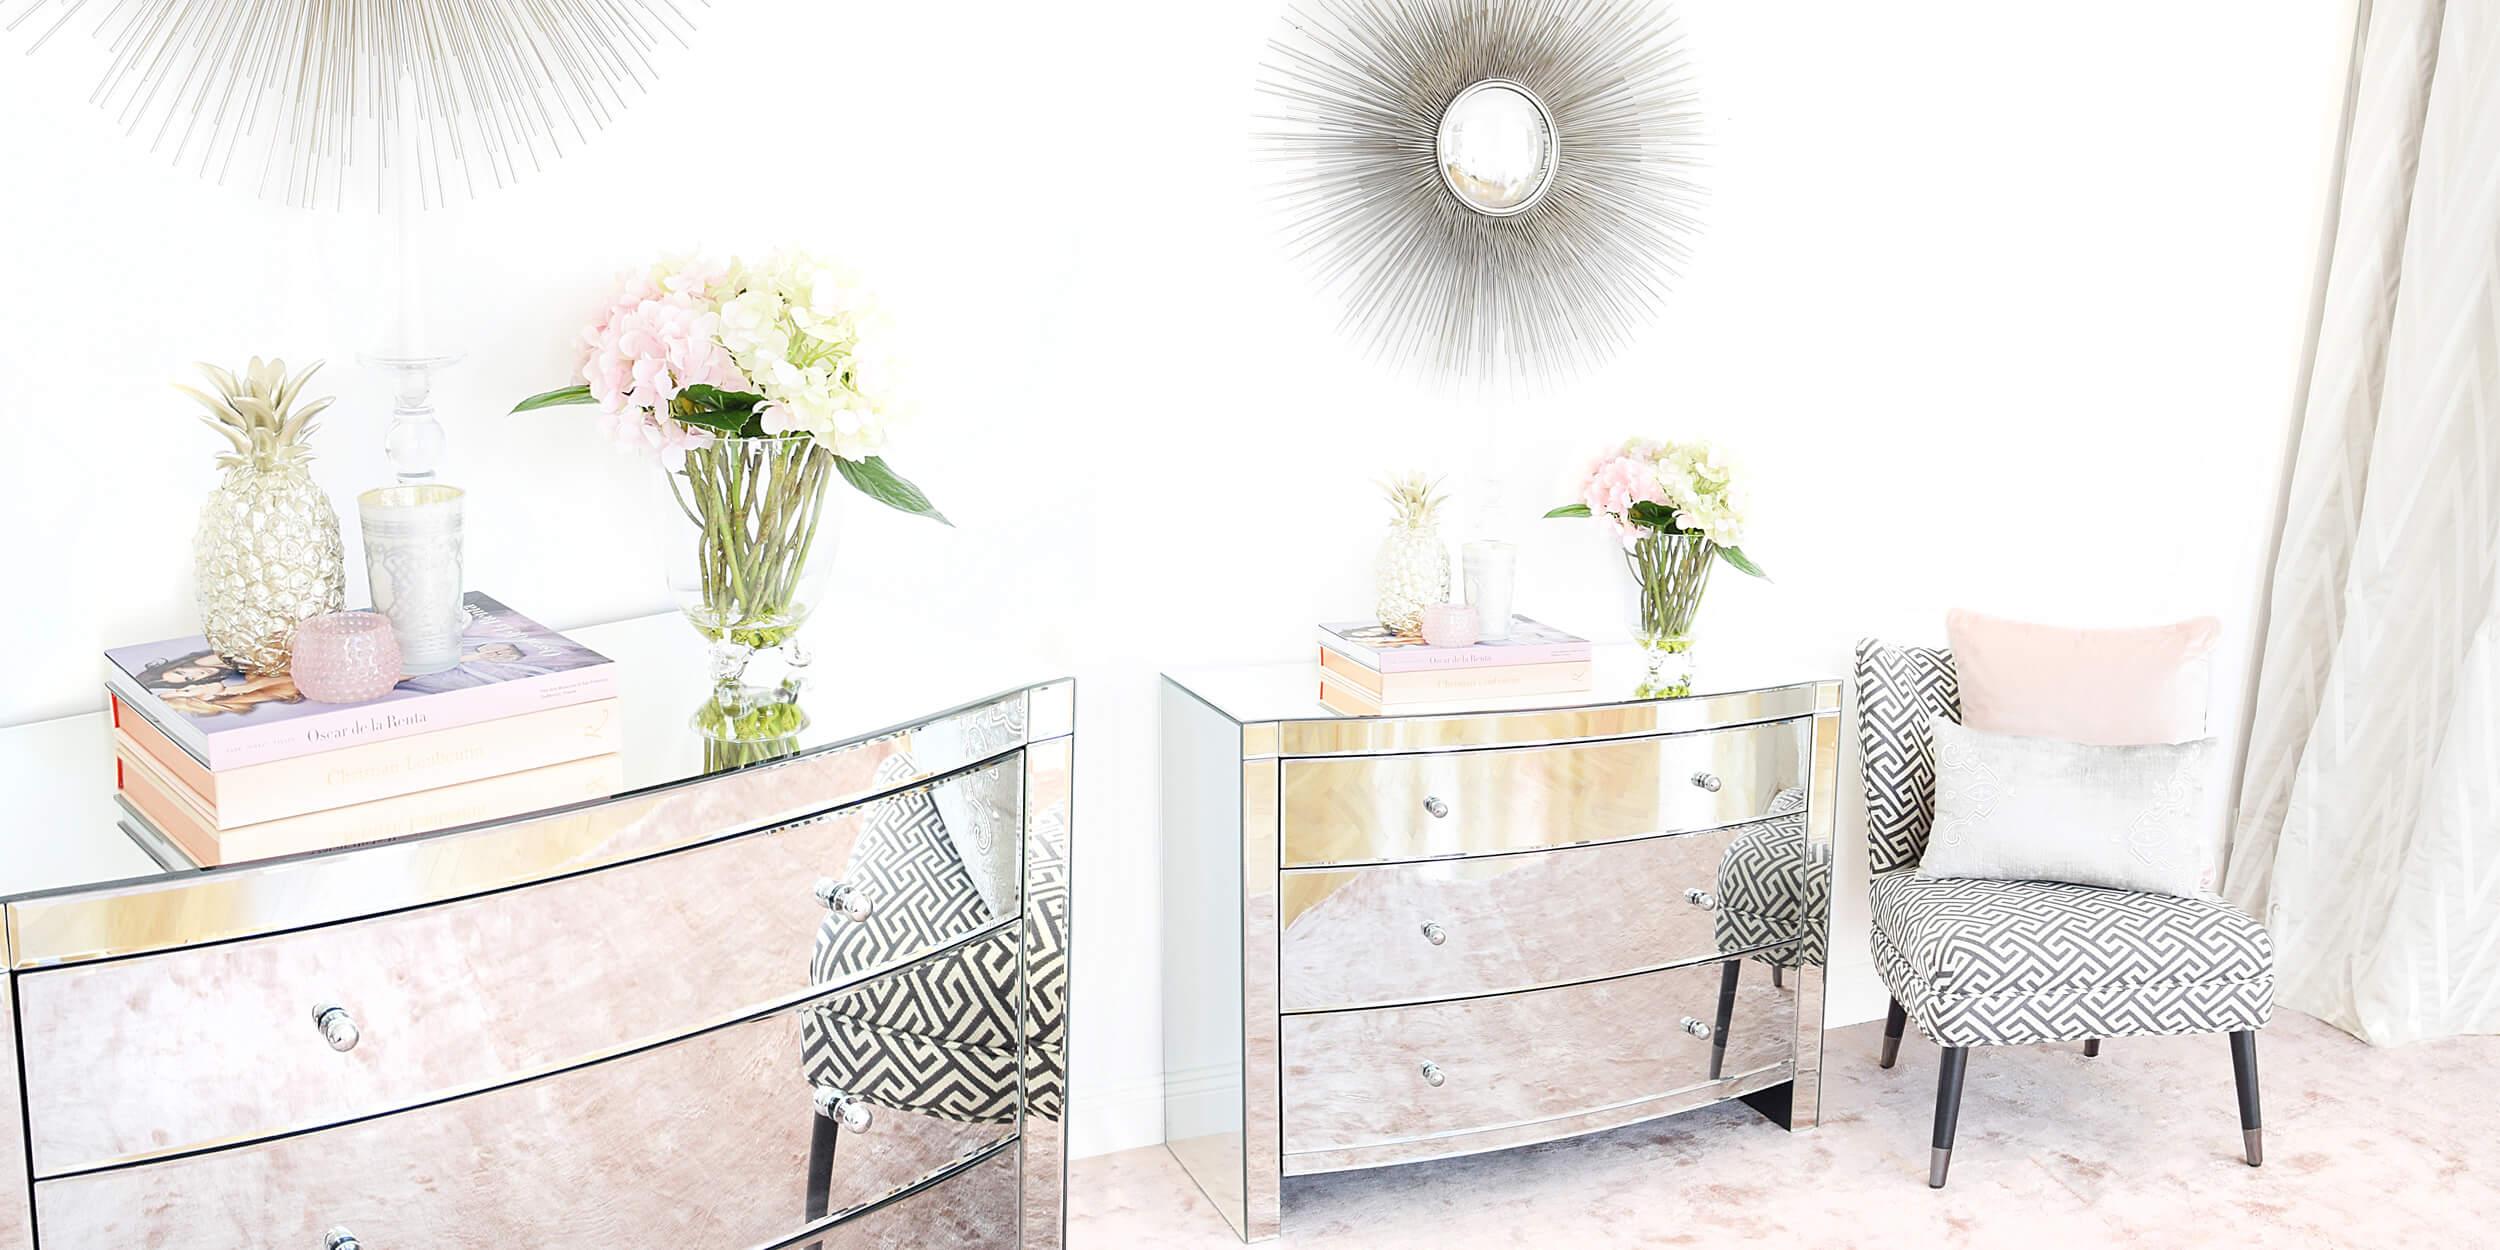 Verspiegelte Möbel